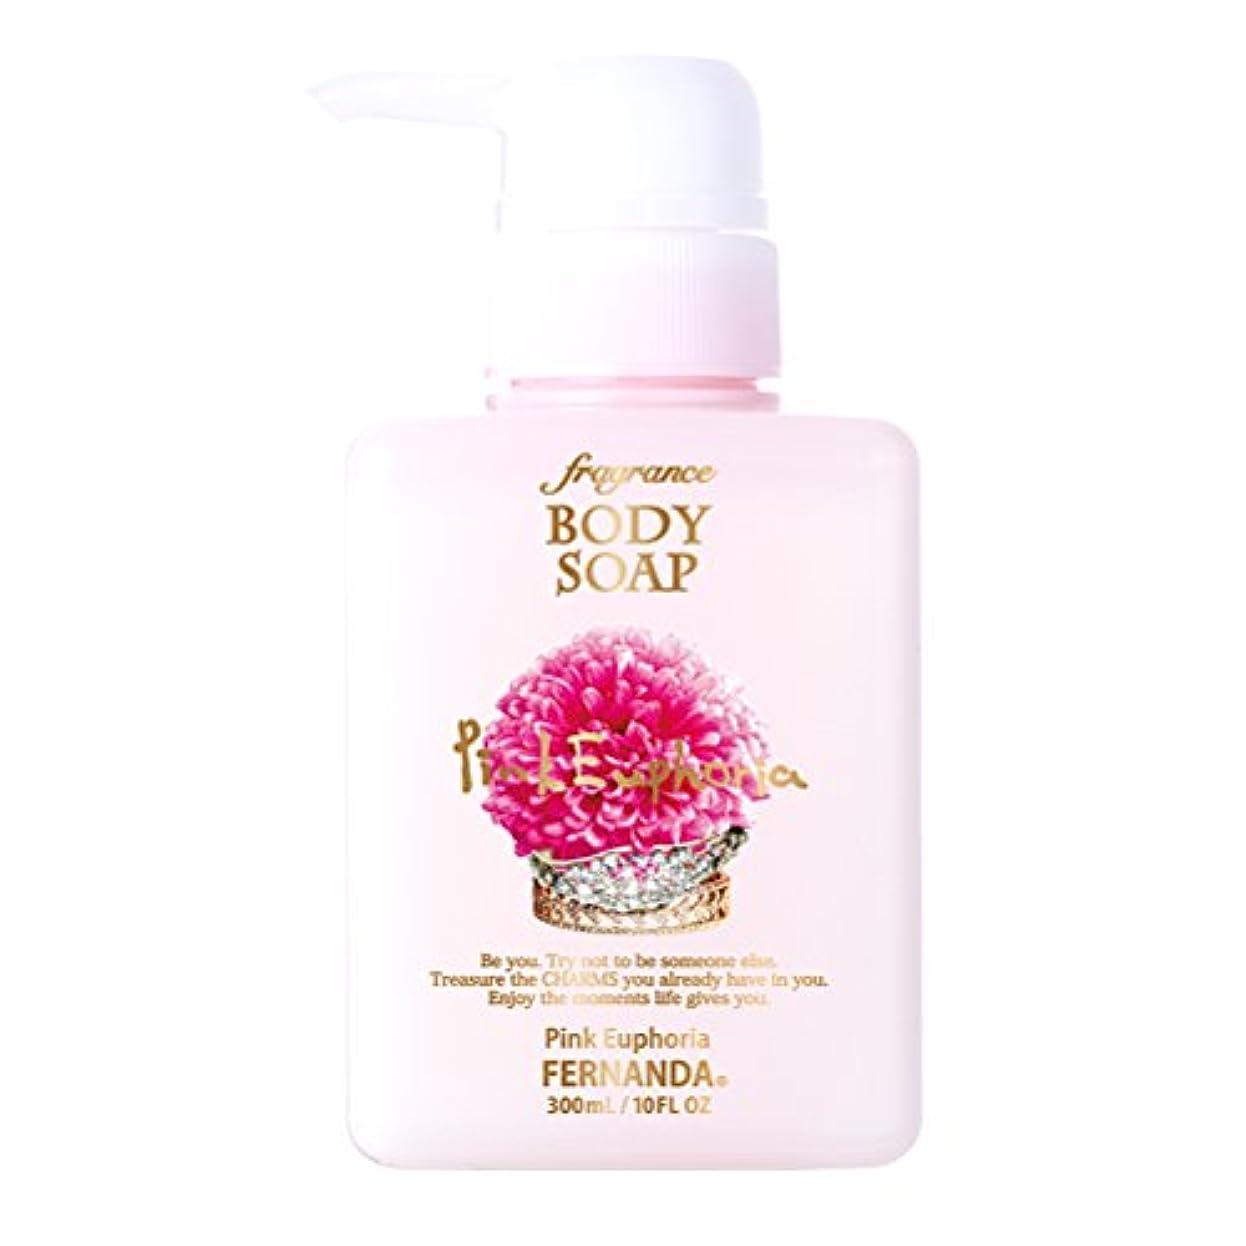 革命的回想民間FERNANDA(フェルナンダ) Fragrance Body Soap Pink Euphoria (ボディソープ ピンクエウフォリア)